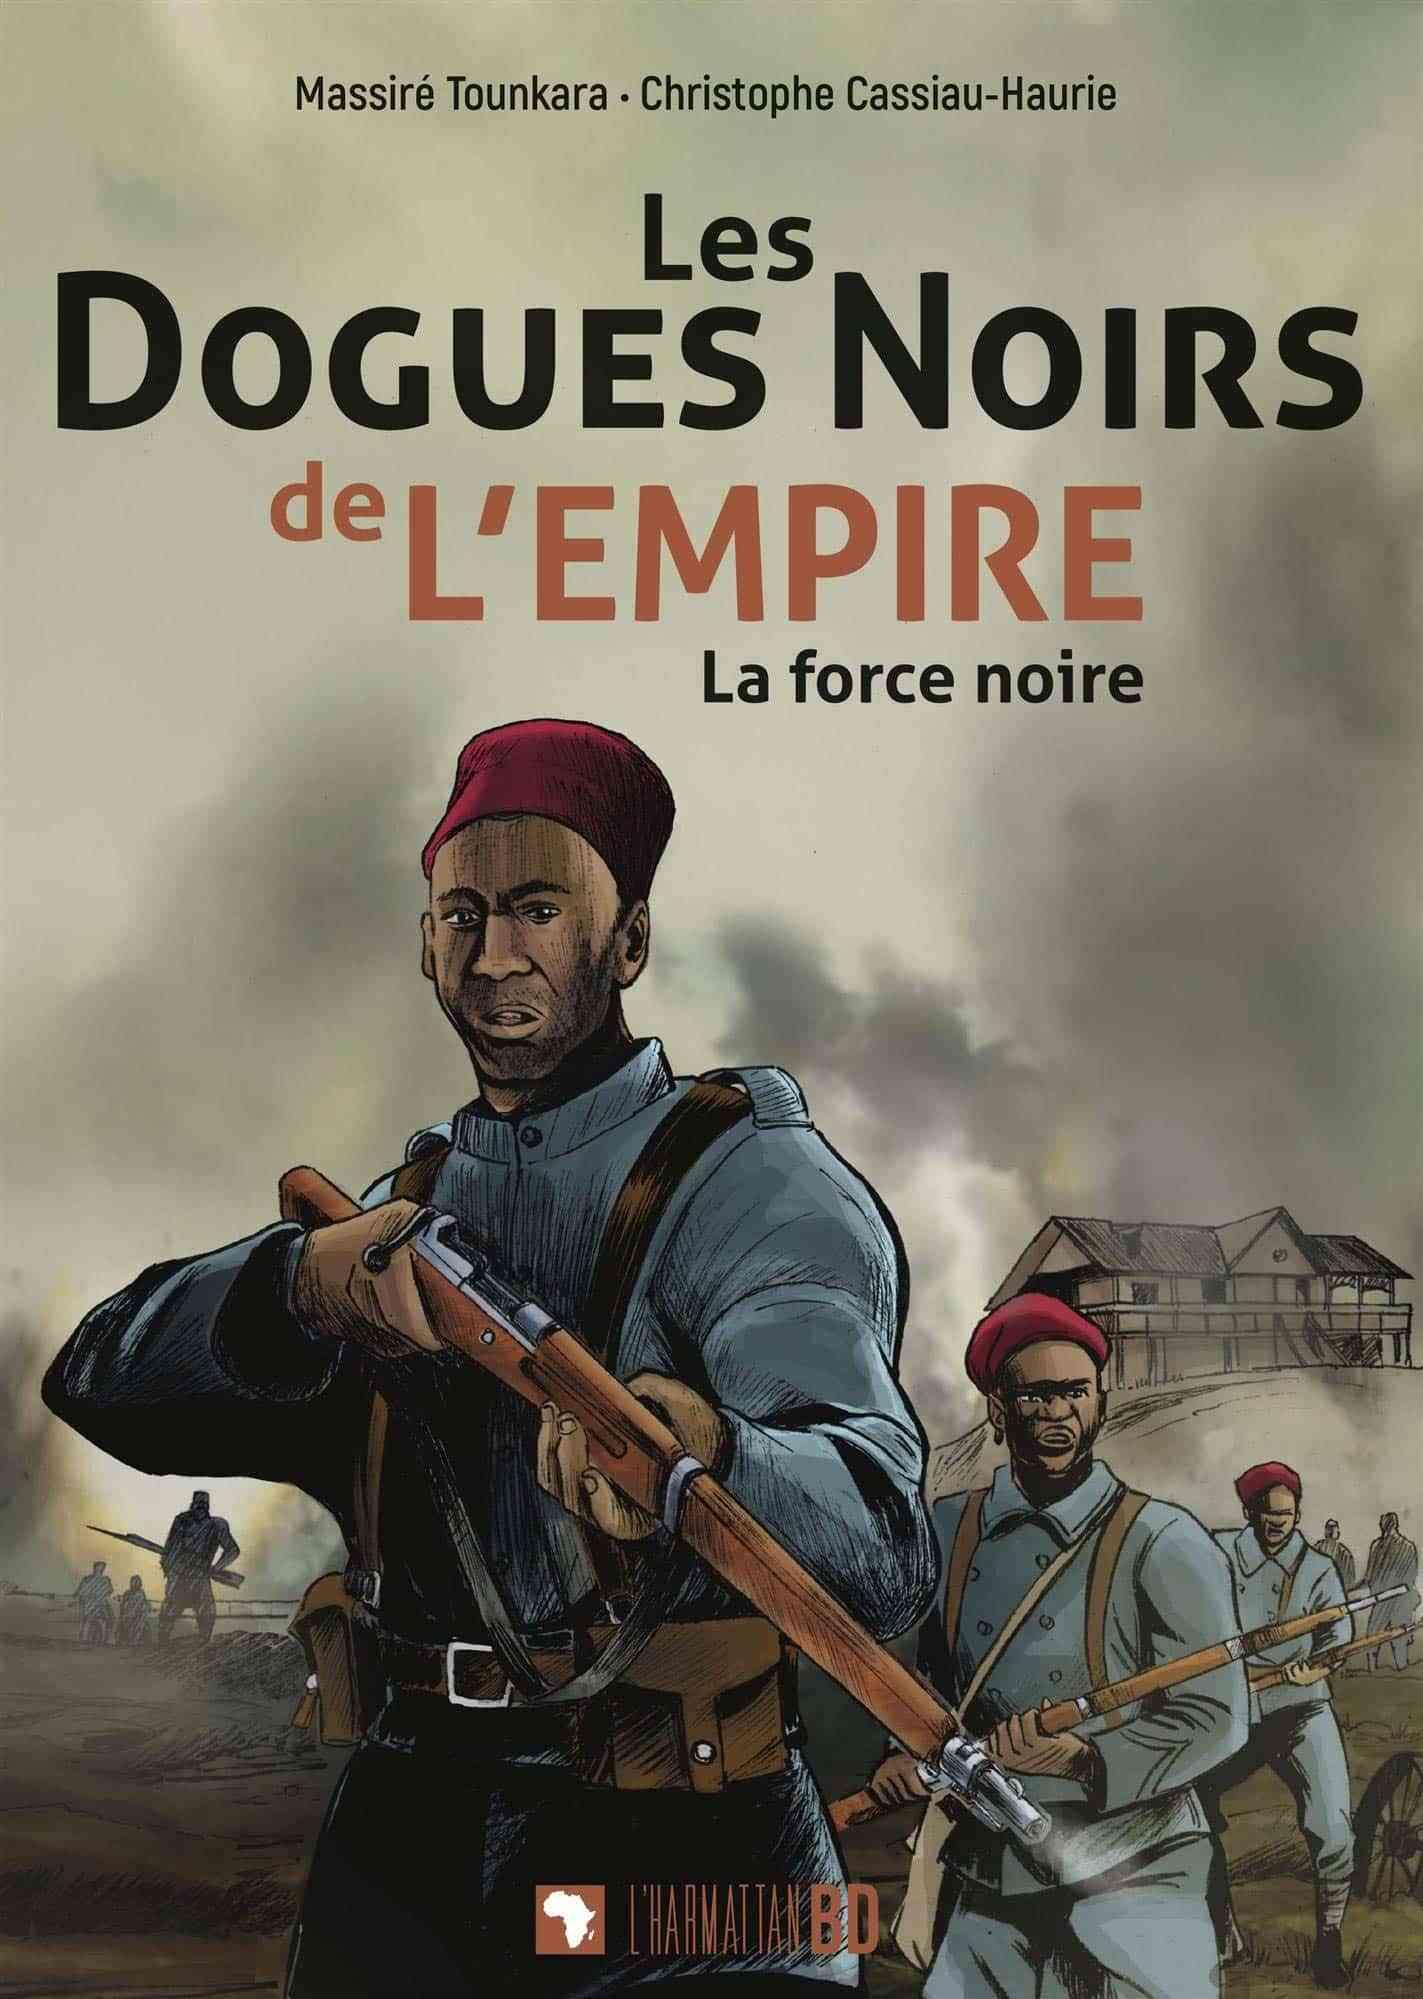 Les Dogues noirs de l'Empire, les Tirailleurs au combat